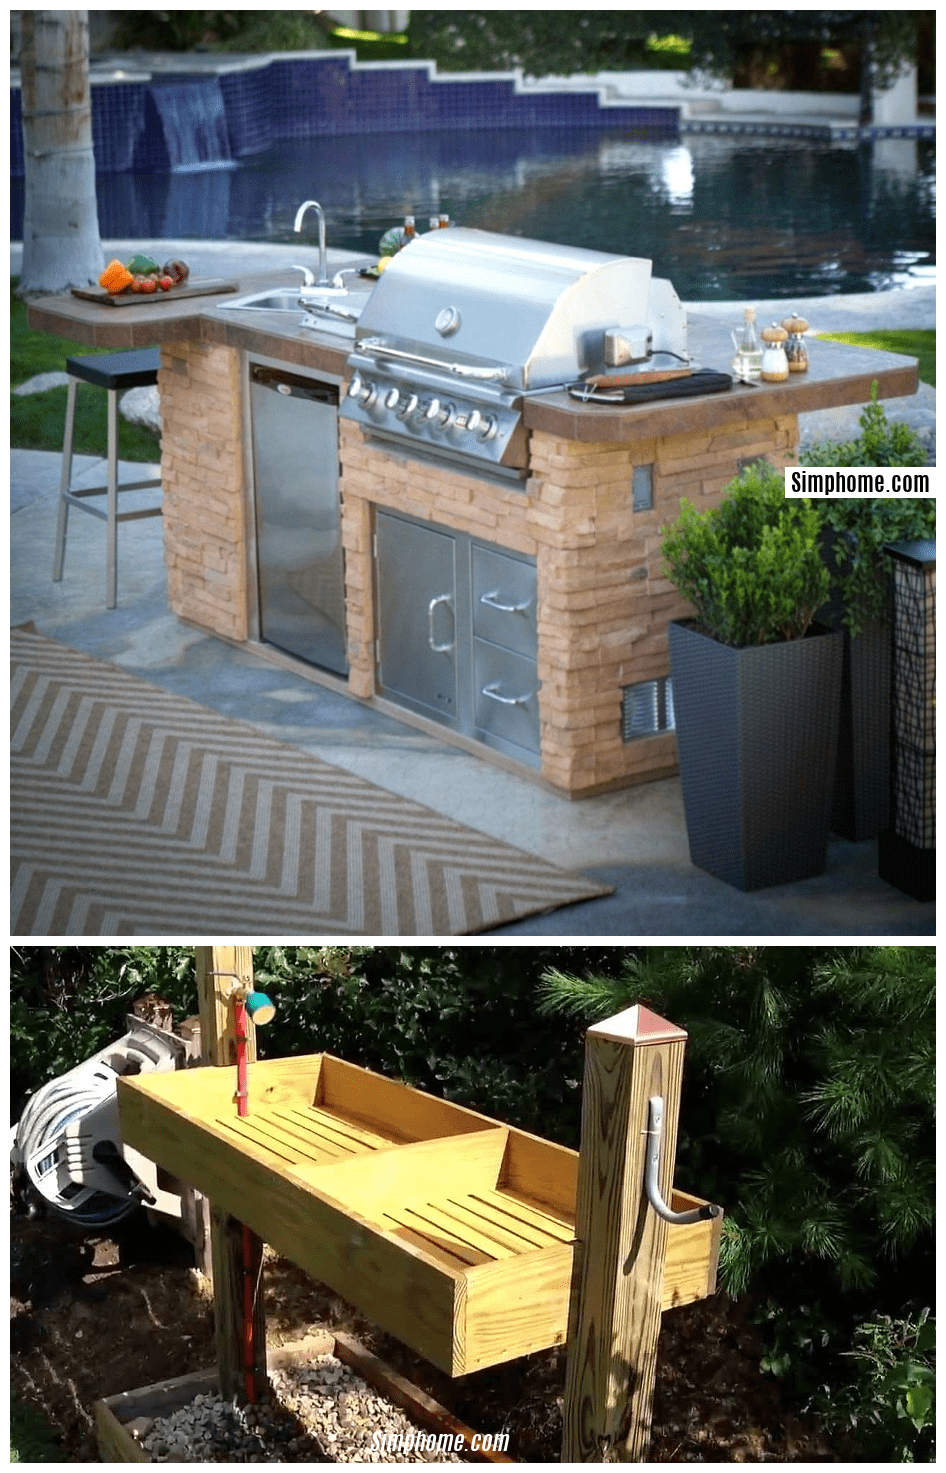 Simphome.com outdoor garden sink youtube ideas for garden sink 2020 2021 2022